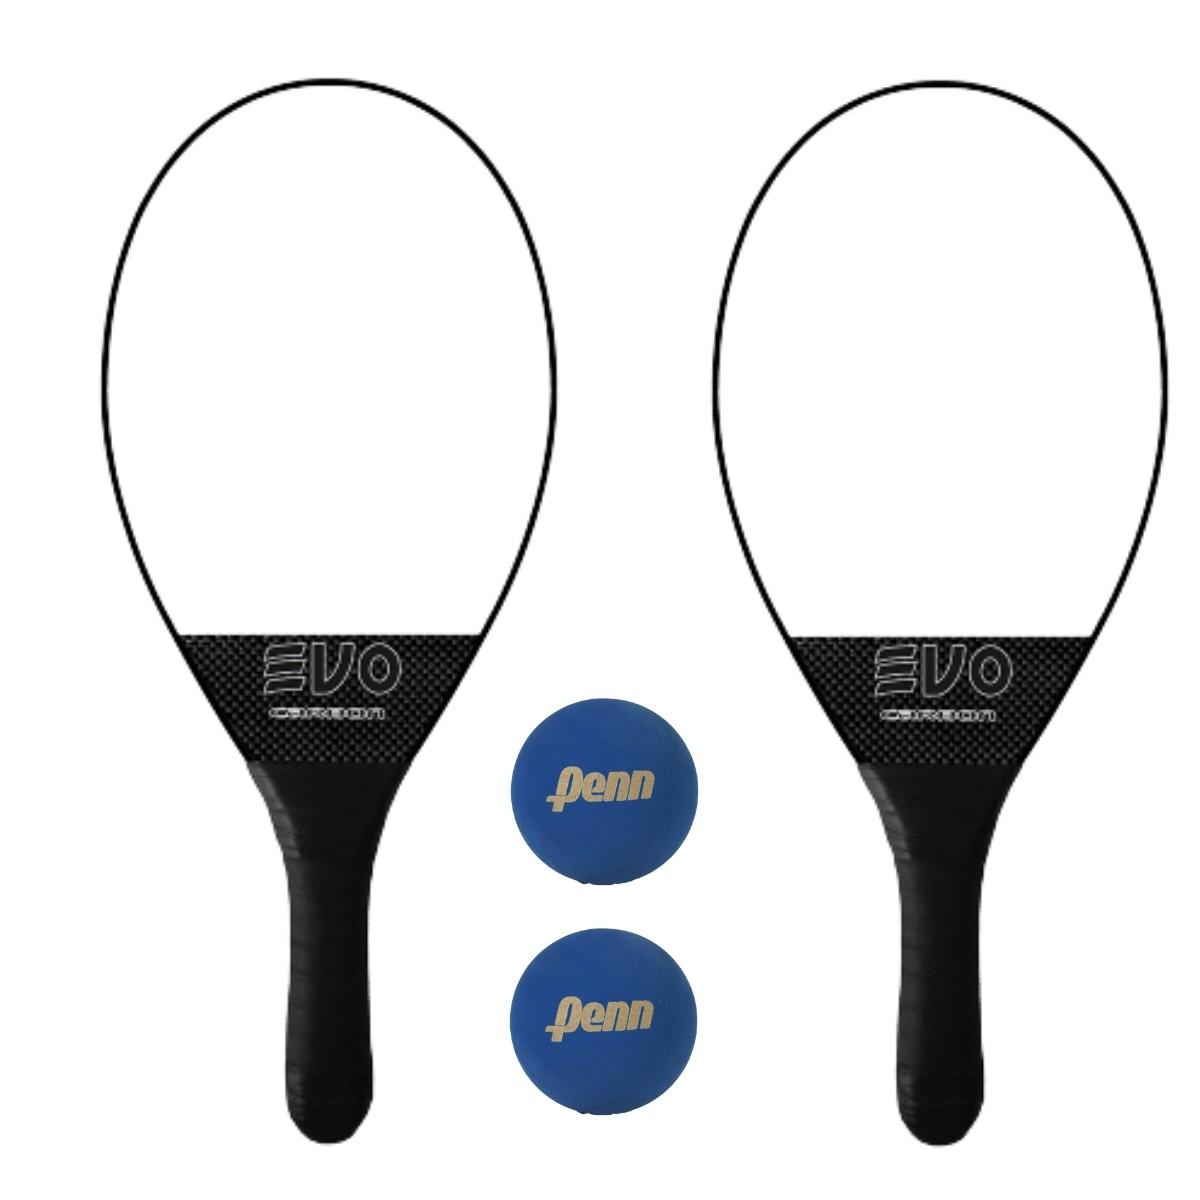 Kit Raquetes Frescobol Evo Carbon com 2 Bolas Penn